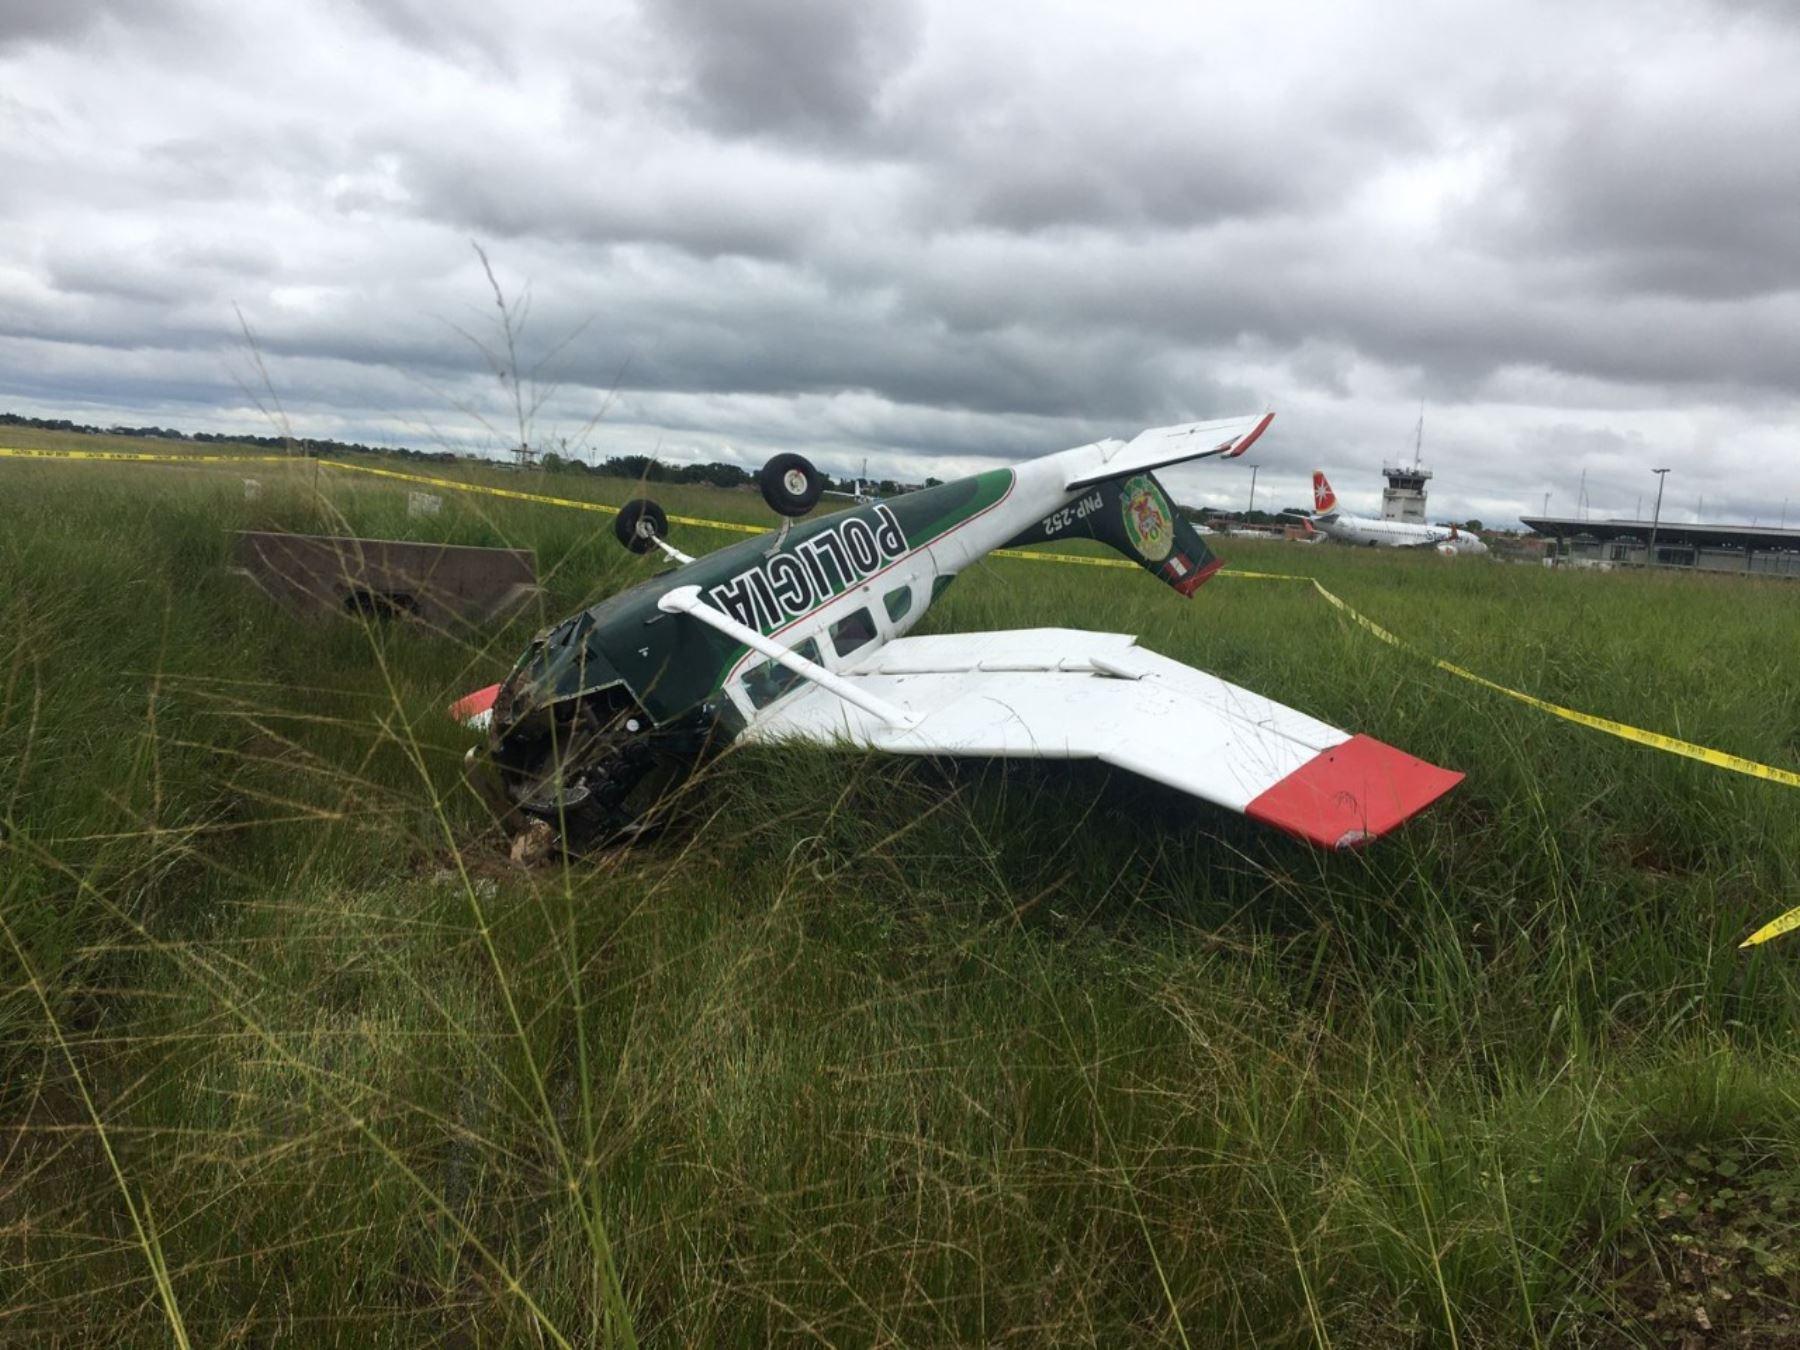 Avioneta de la Policía Nacional sufre percance y cae al momento de aterrizar en el aeropuerto de Pucallpa. Tripulantes salvan la vida. Foto: cortesía.